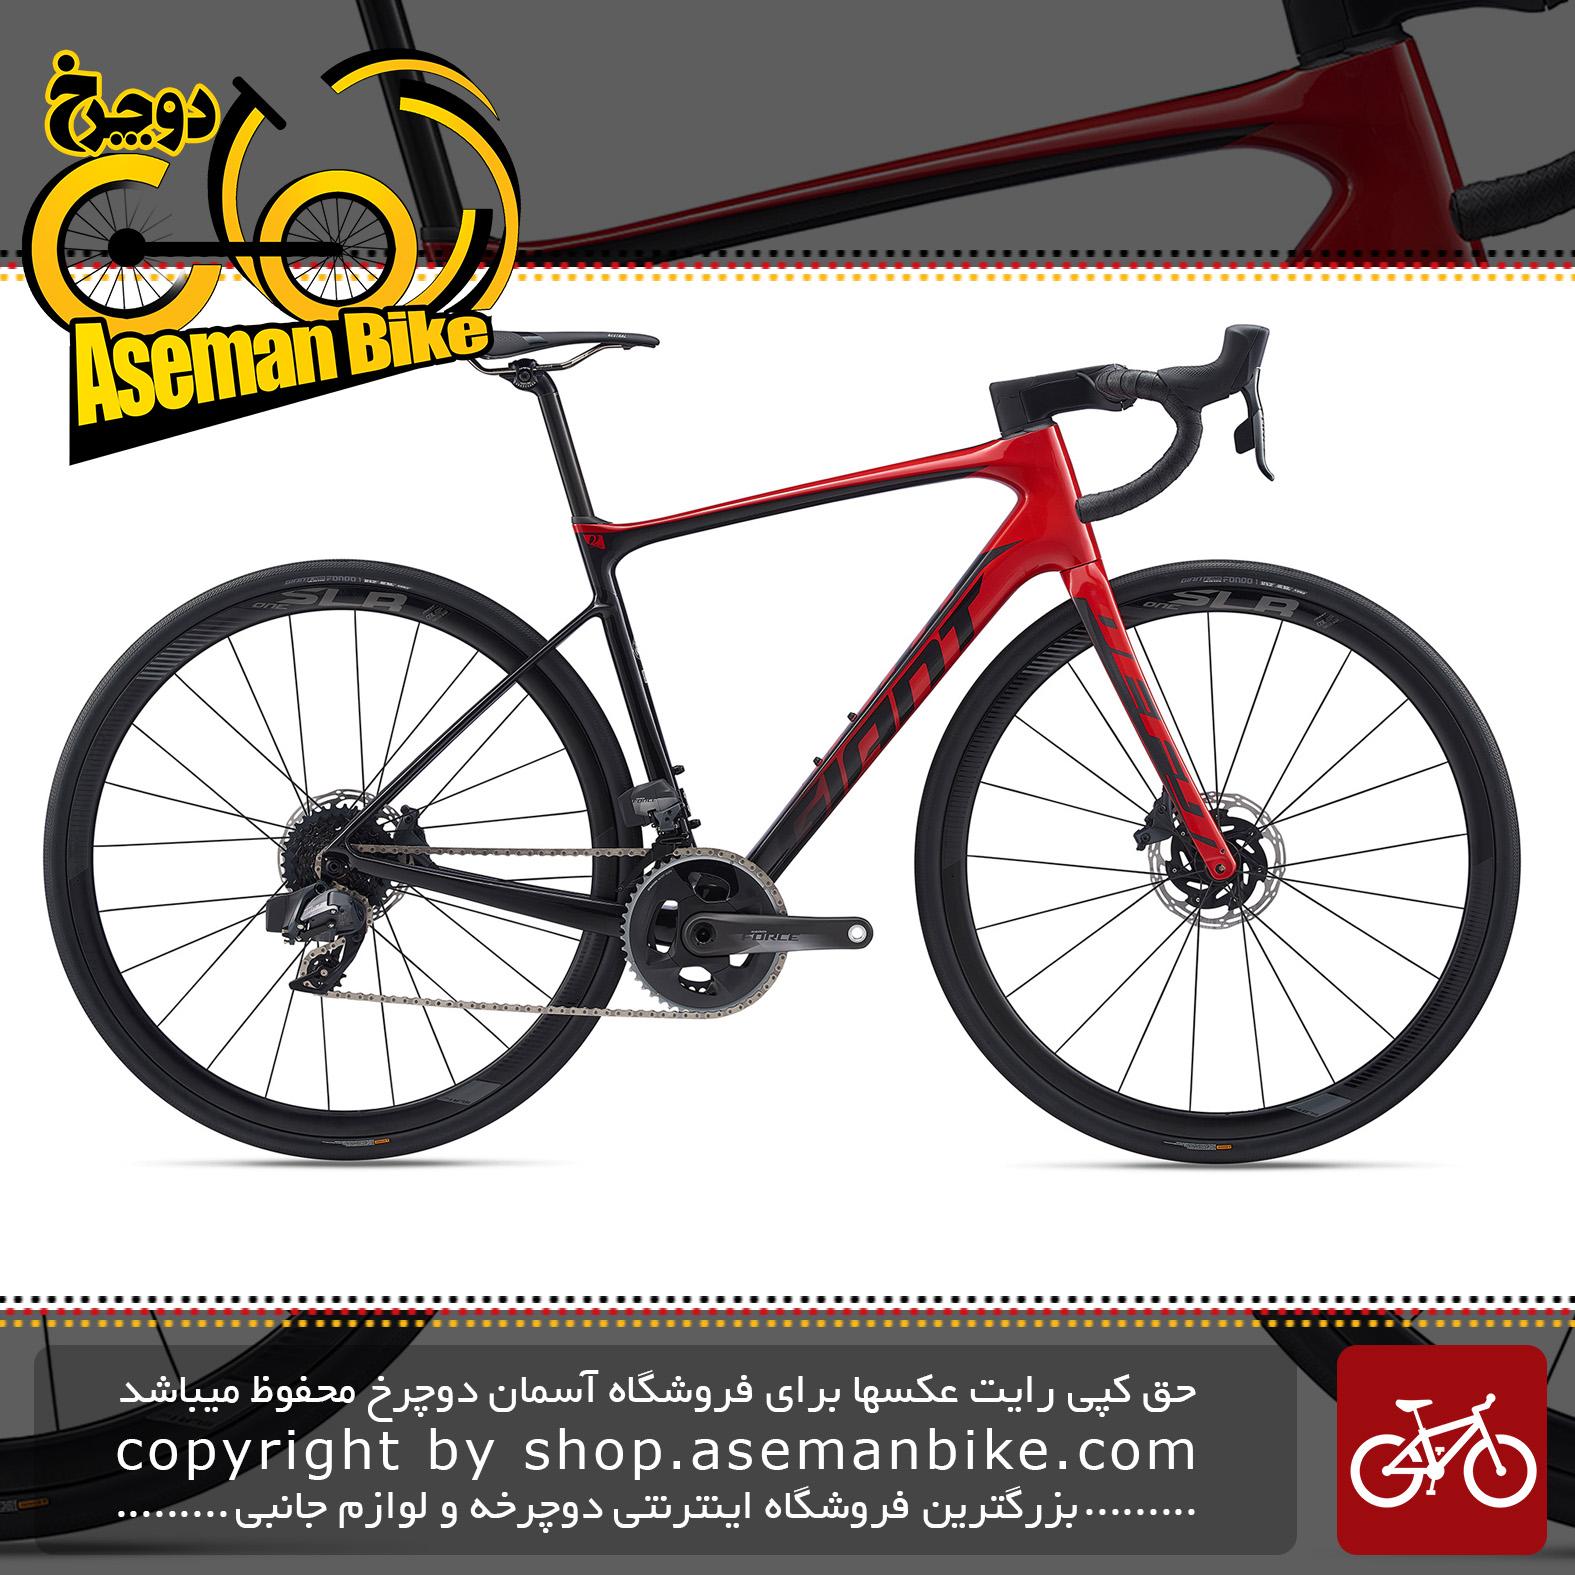 دوچرخه کورسی جاده جاینت مدل دیفای ادونس پرو 1 فورس 2020 Giant Road Bicycle Defy Advanced Pro 1 Force 2020